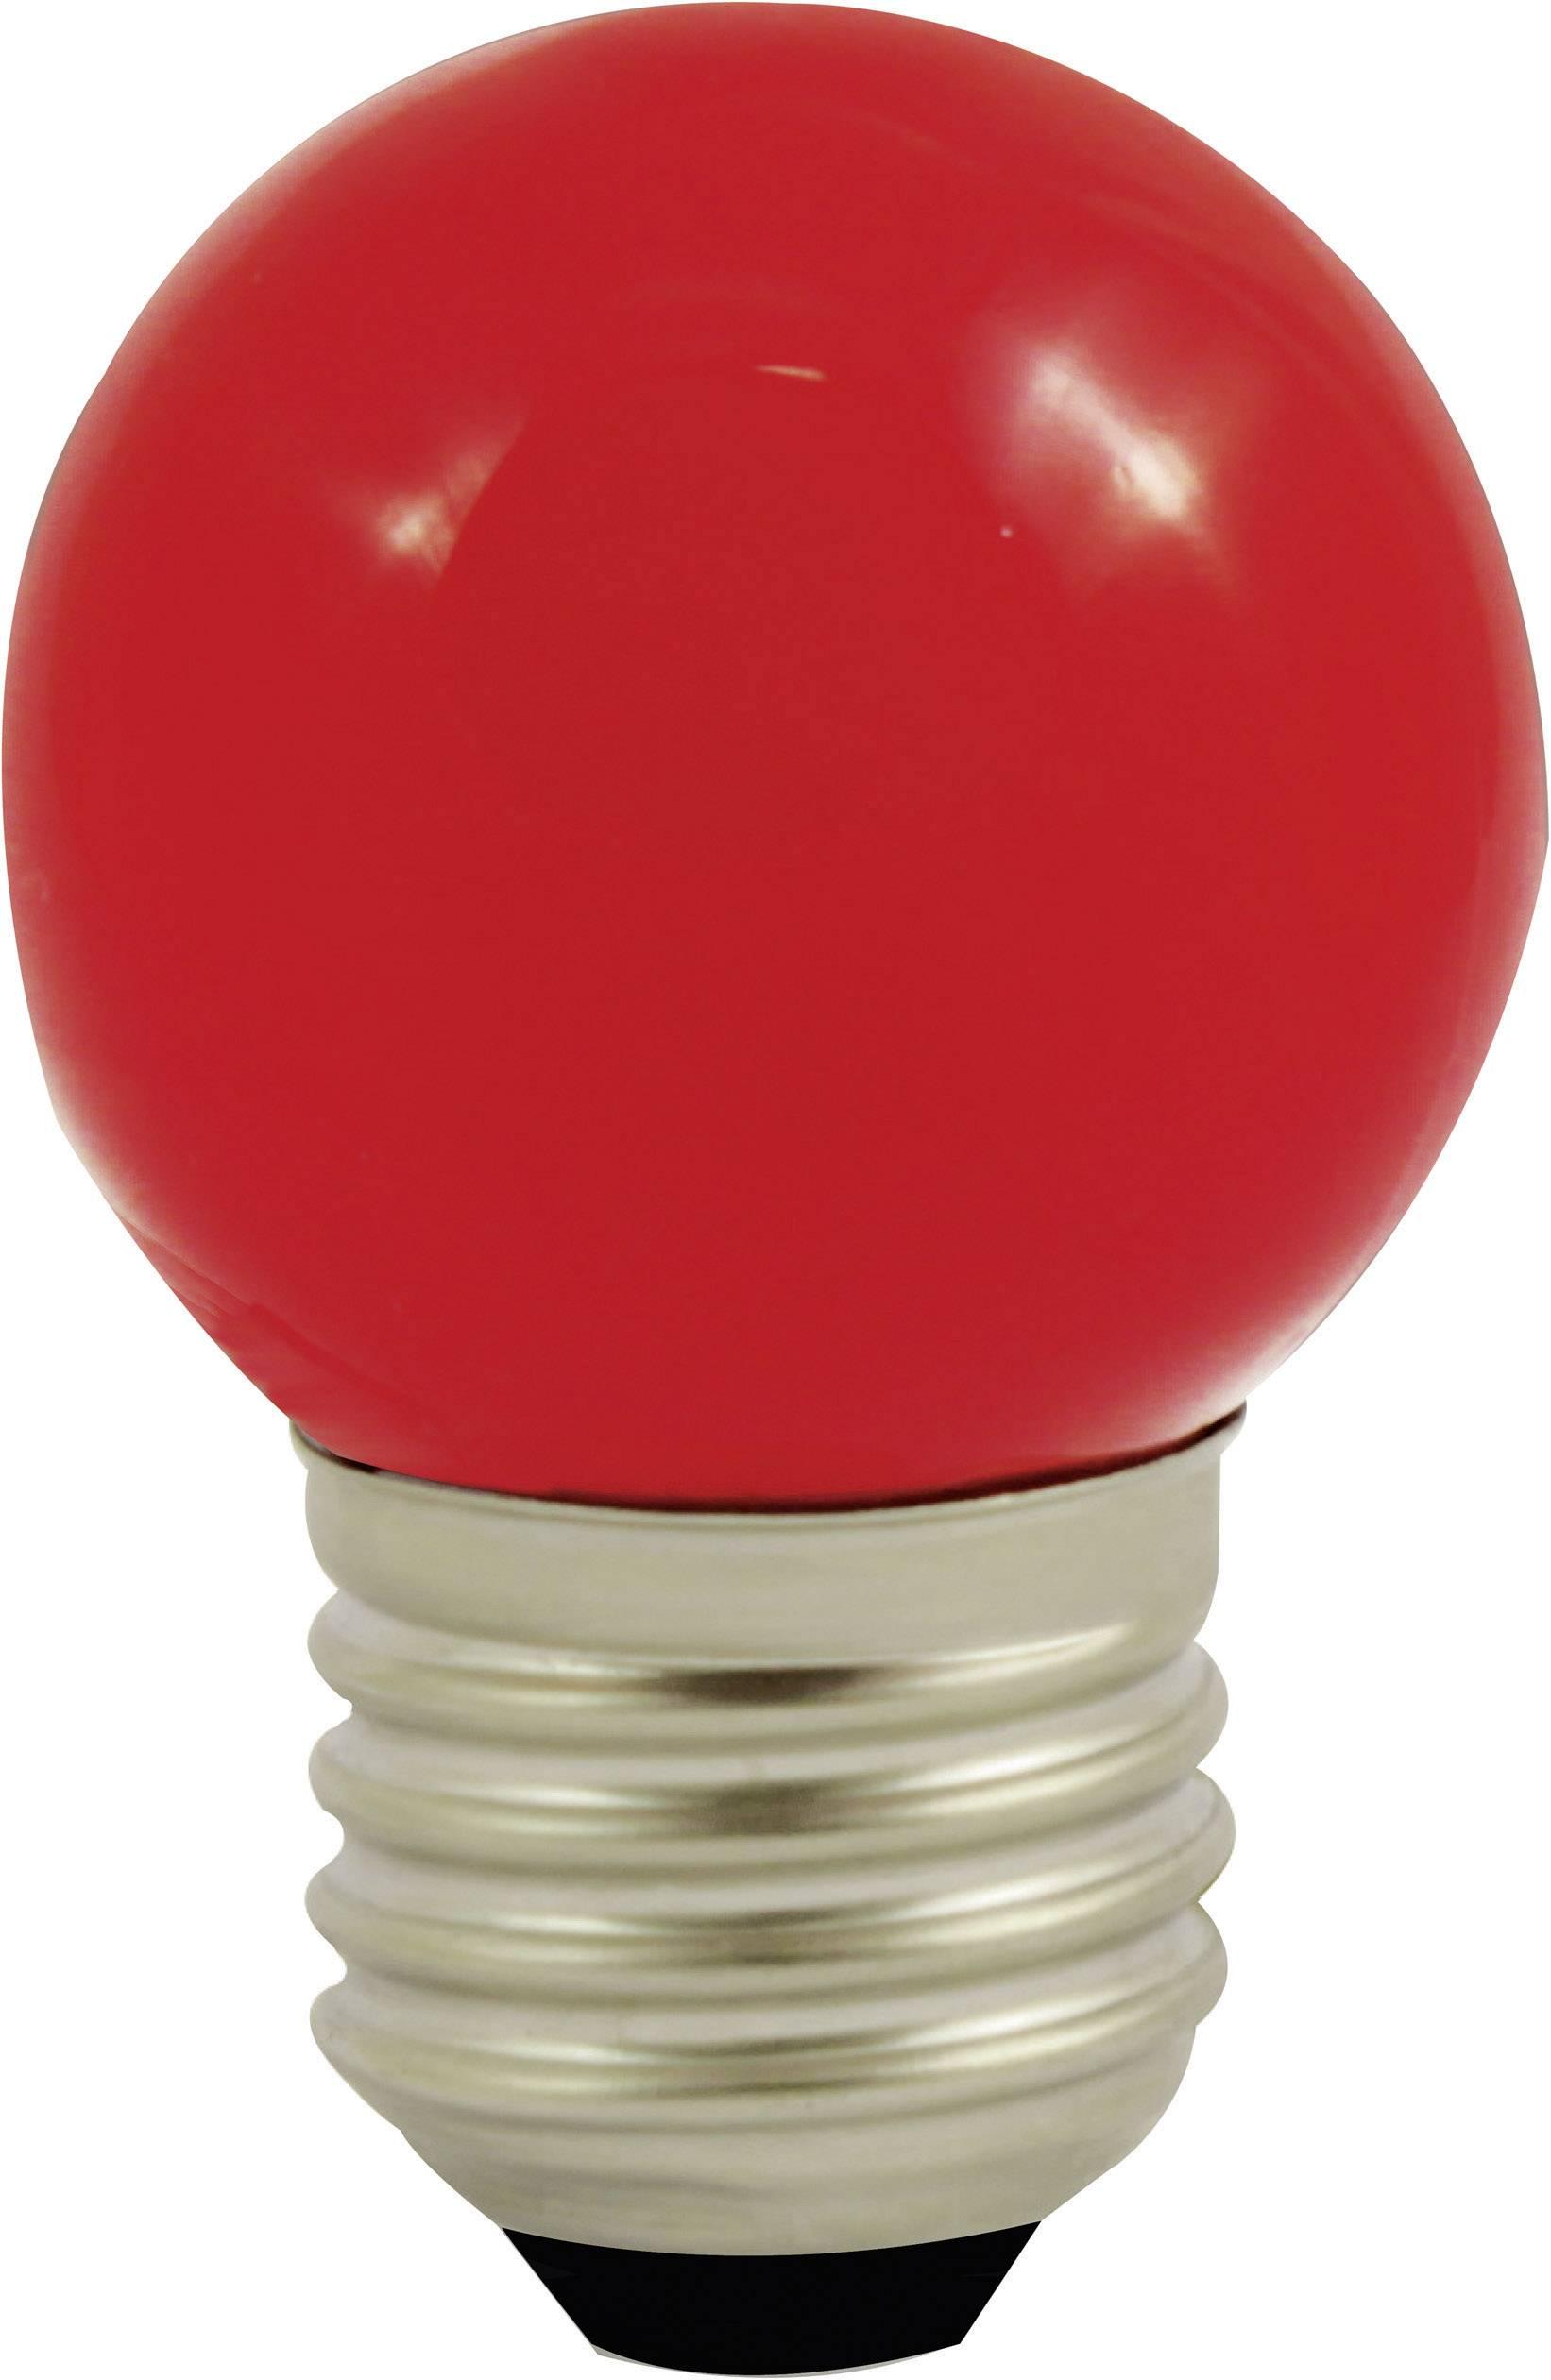 LED žiarovka LightMe LM85254 230 V, 1 W, červená, n/a, 1 ks